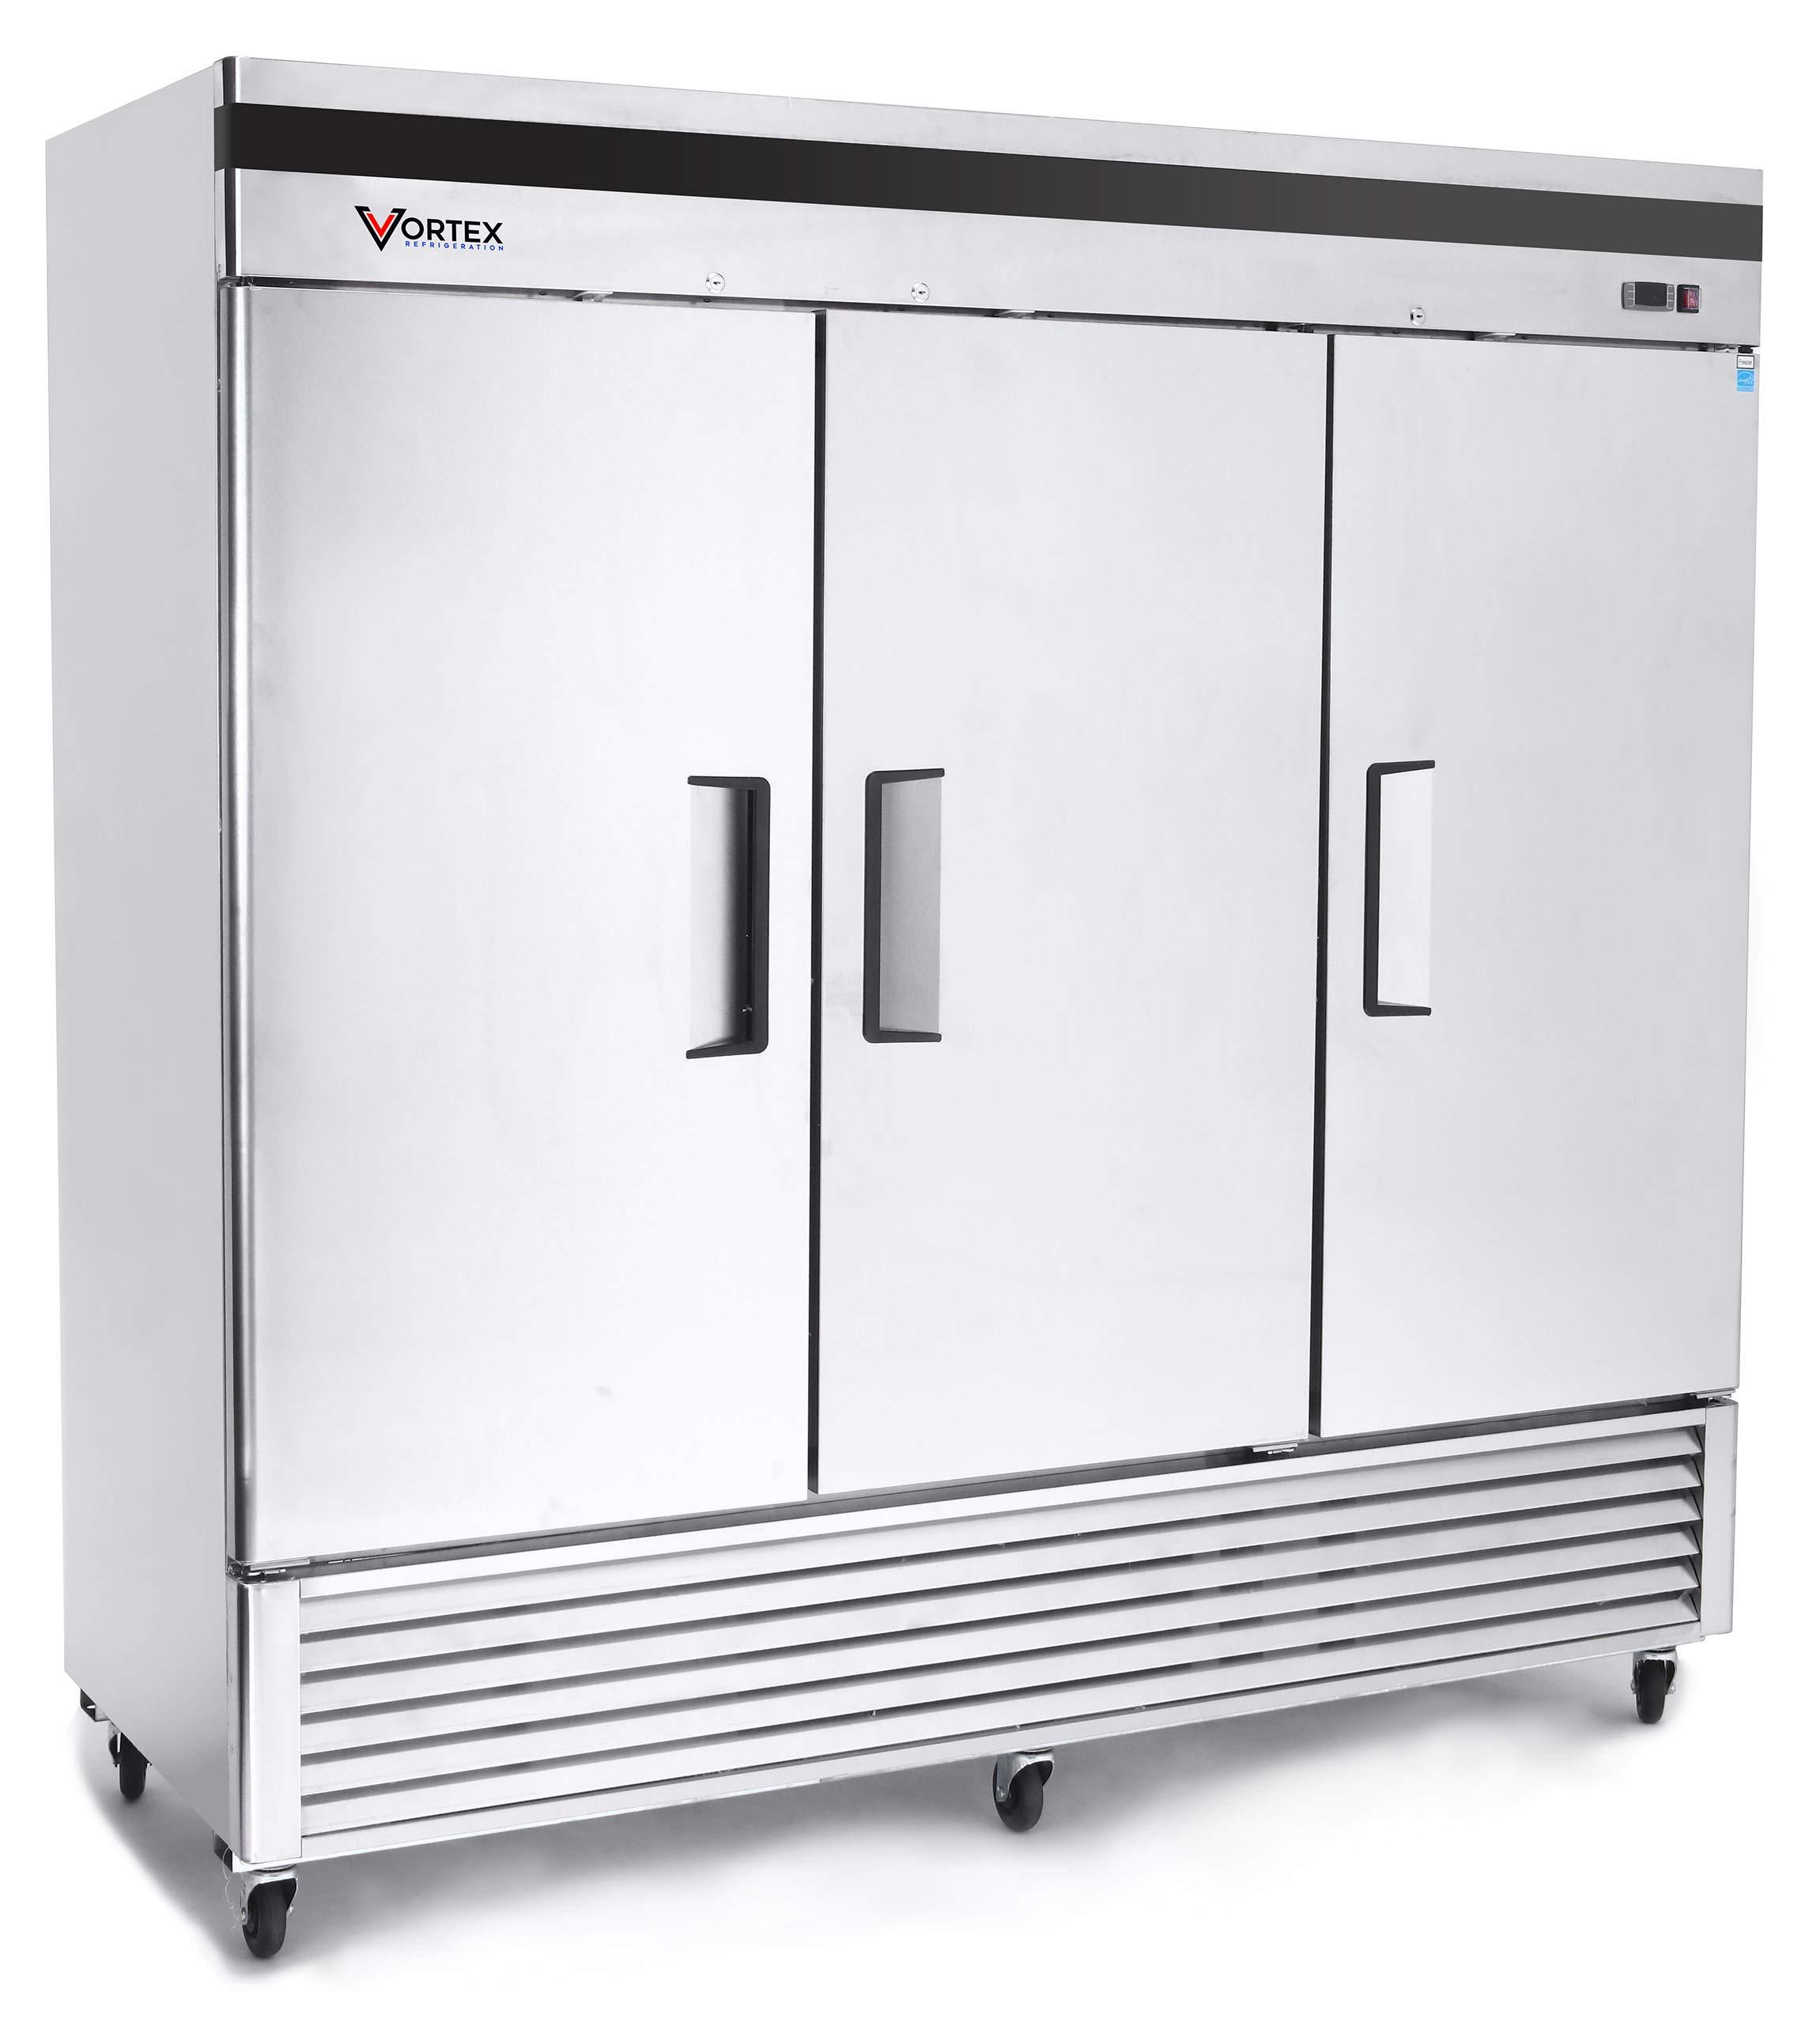 Vortex Refrigeration Refrigerator 3 Solid Door Commercial Stainless Steel- 72 Cu. Ft. ... by Vortex Refrigeration